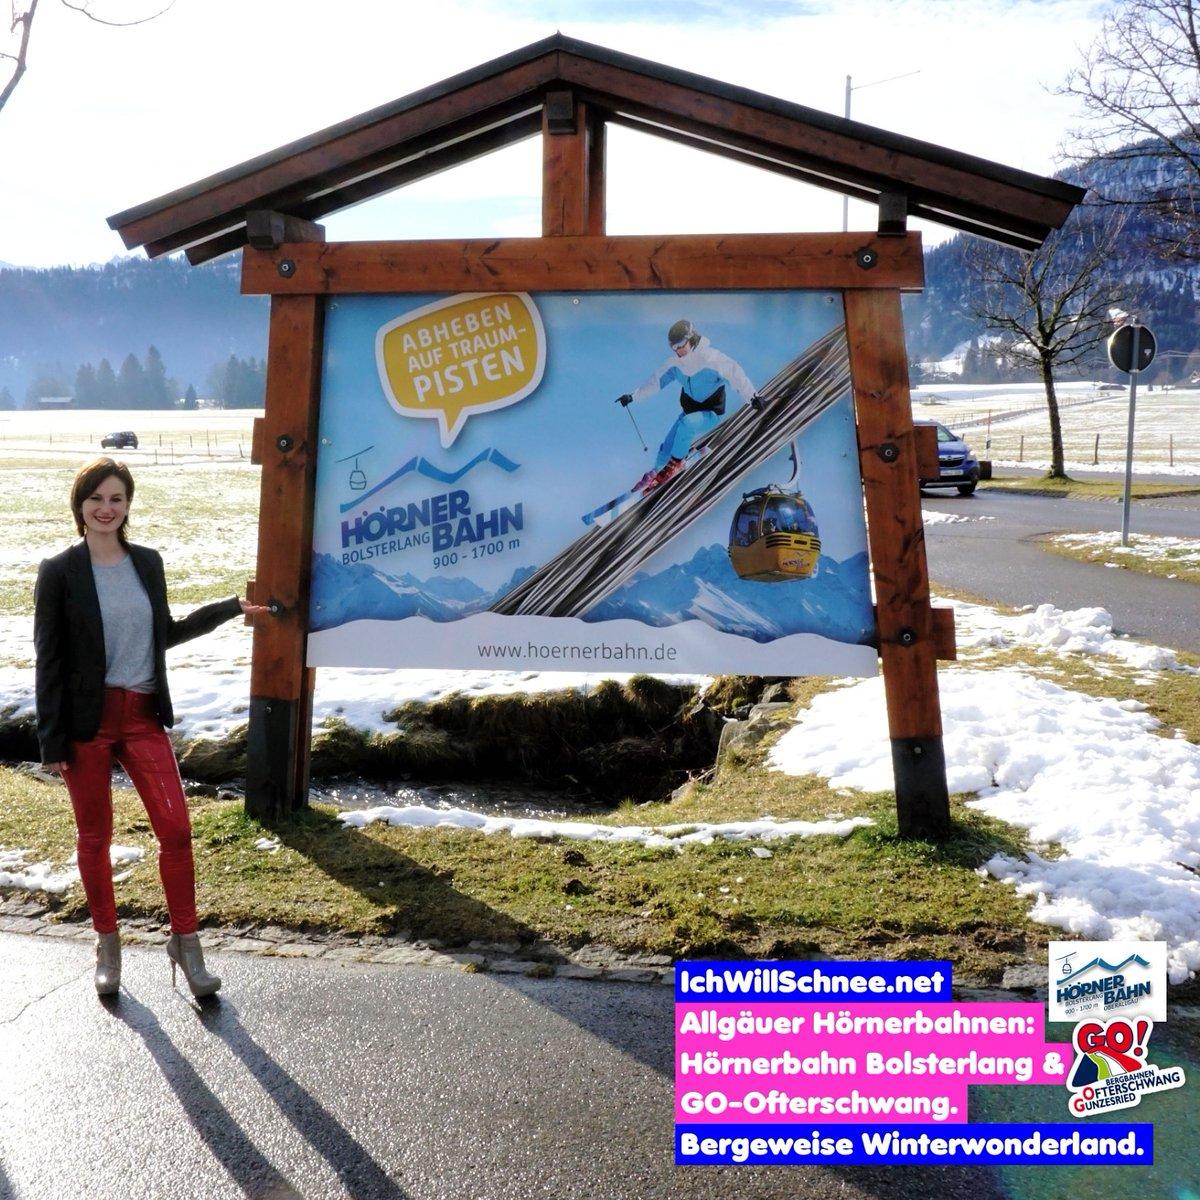 Guten Morgen aus Bolsterlang und von der Hörnerbahn!!! Lena IWM ist gut im #Allgäu angekommen. Schaut Euch hier am besten direkt das V-Blog an - https://youtu.be/w9K6nQuU4HU (IWS)  #Hönerbahn #Winterwonderland #IchWillSchnee #ShinyLena #LenaAdlerpic.twitter.com/bMVdRfY9u2